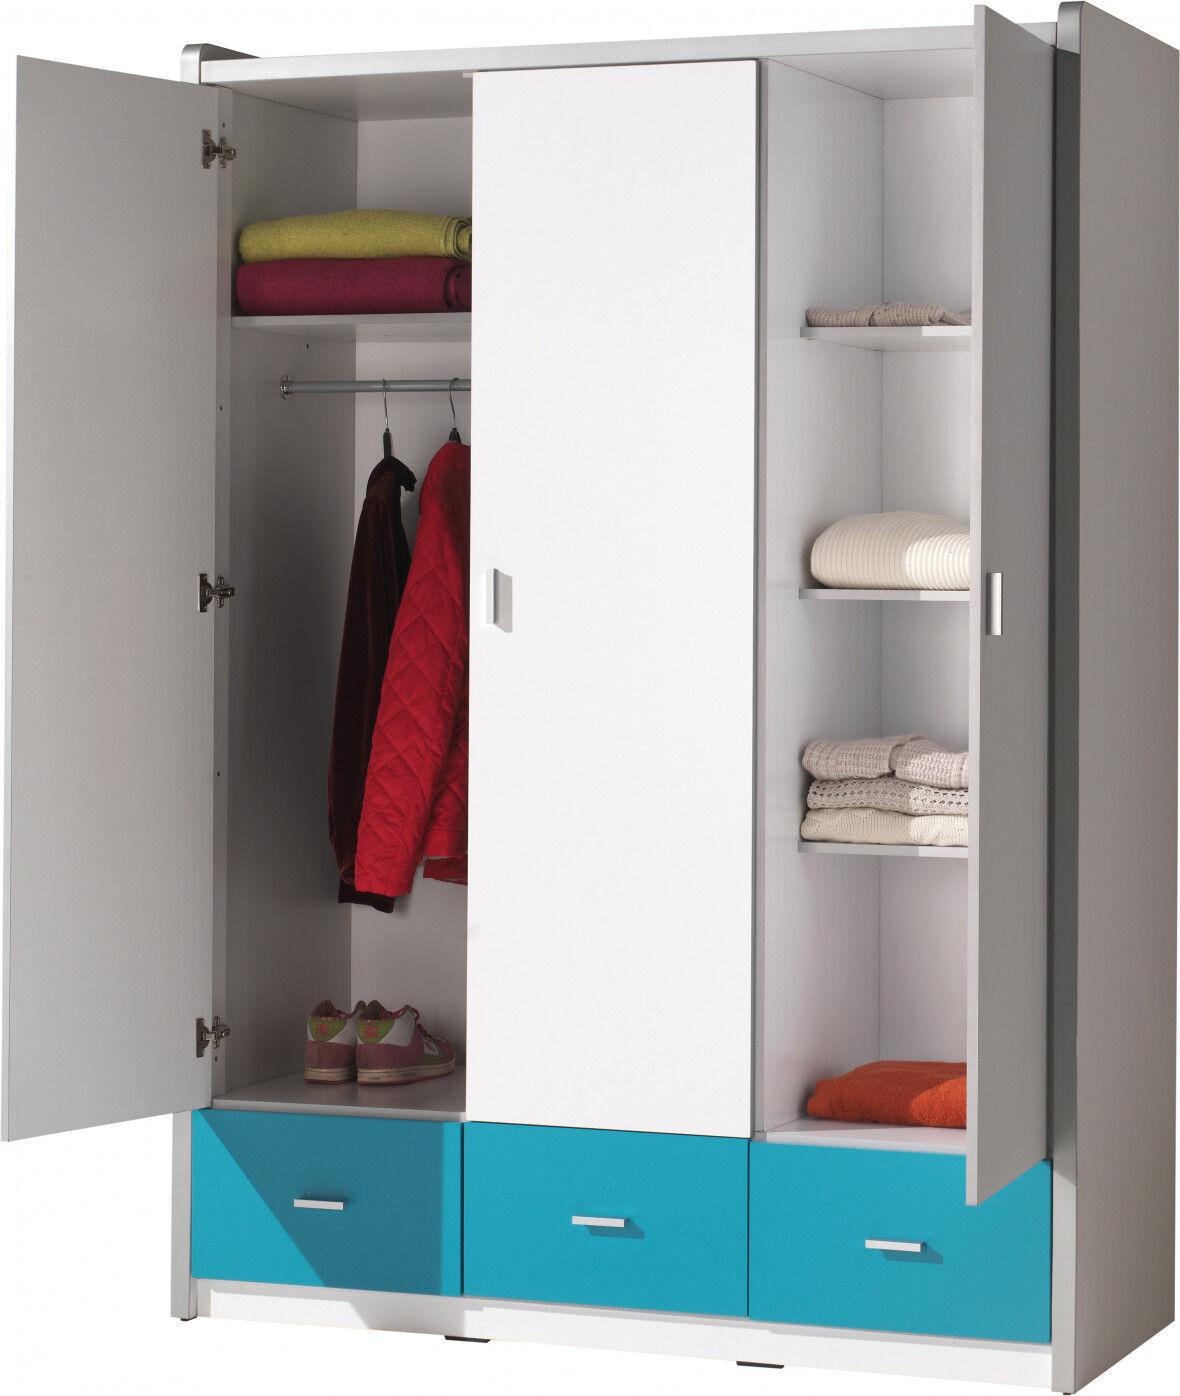 Armoire enfant laqué blanc et orange 3 portes 3 tiroirs